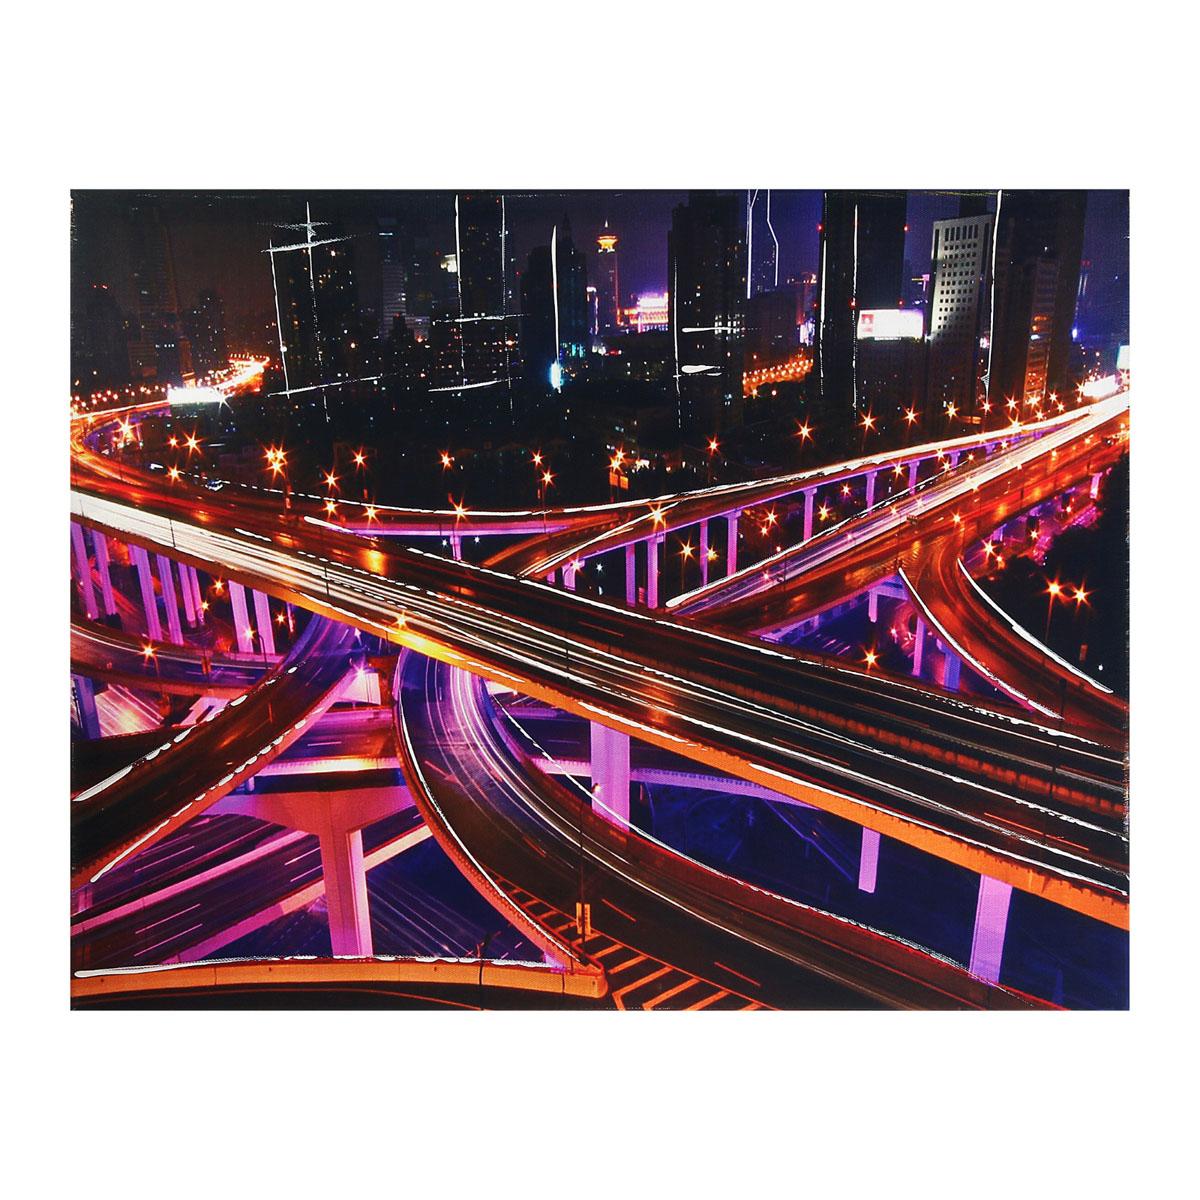 Картина на холсте Sima-land Мосты мегаполиса, 50 см х 40 см296666Цветовая гамма и интерьер влияют на настроение каждого, именно поэтому так важны детали, которые нас окружают. Знатоки интерьерных решений стараются применять самые разнообразные решения при художественном оформлении внутреннего пространства и использовать все возможные материалы. Картина на холсте Sima-land Мосты мегаполиса - это хорошее решение для интерьера по выгодной цене.